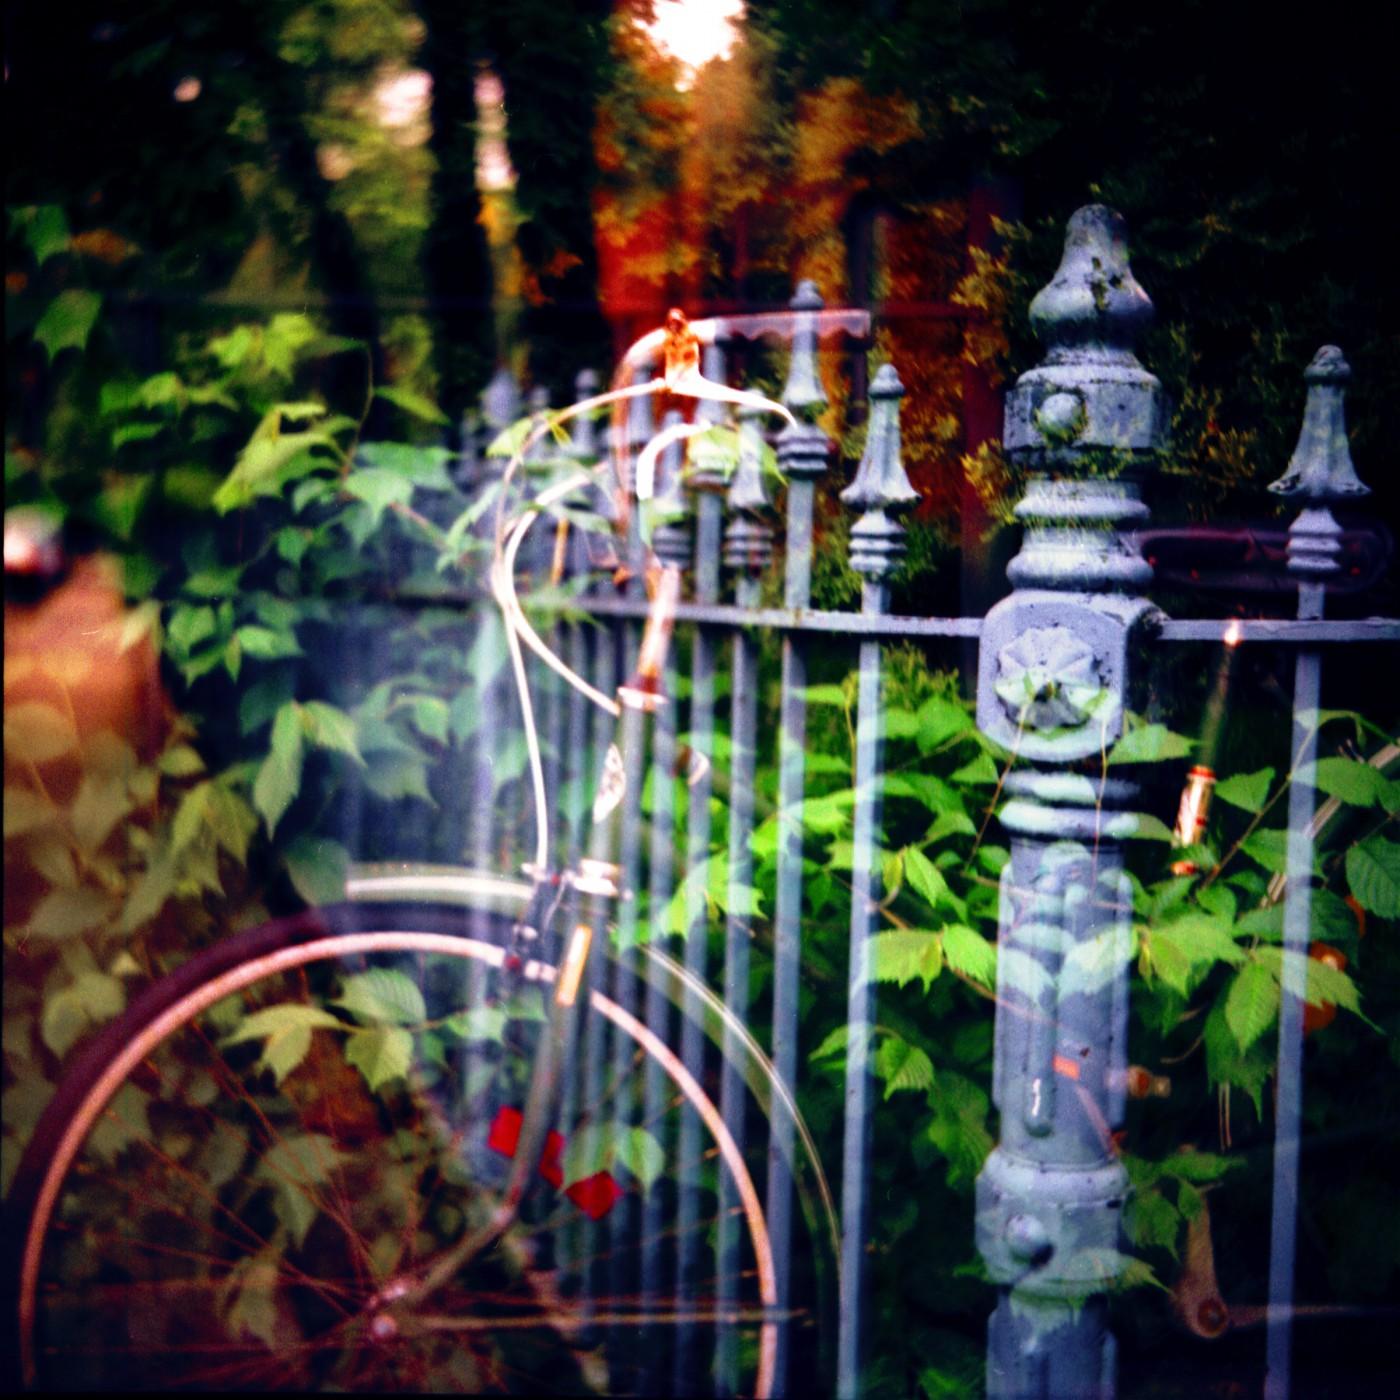 Rannie Turingan, </span><span><em>Bike and Fence, 2004</em>, </span><span>Custom Giclee Print 12 x12